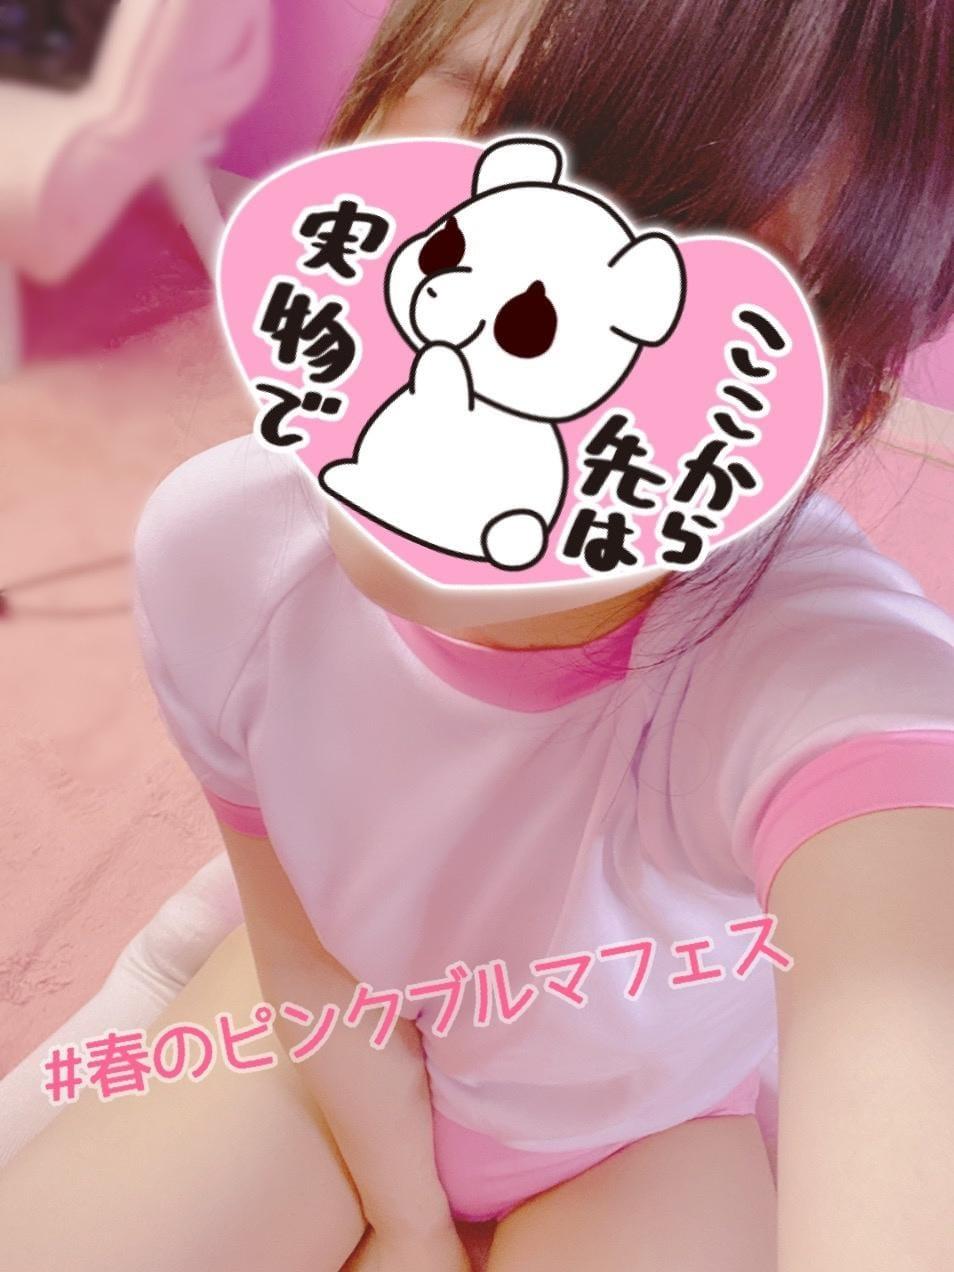 「生で見て欲しいな」04/22(木) 16:28   ちさの写メ・風俗動画